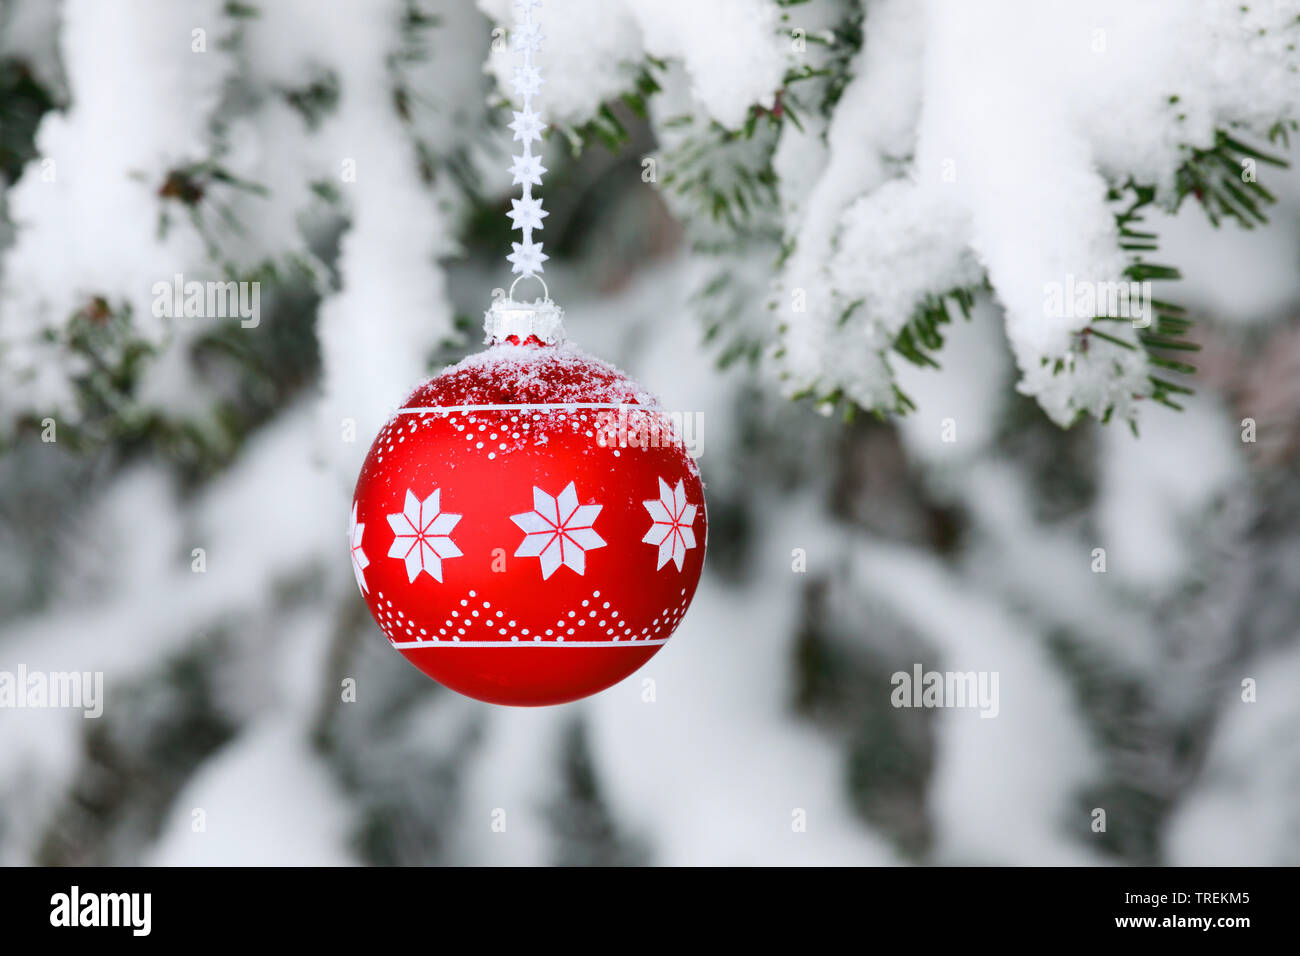 Weihnachtskugel an einem verschneiten Fichtenzweig, Schweiz   Christmas ball at a snow-covered spruce twig, Switzerland   BLWS528484.jpg [ (c) blickwi - Stock Image